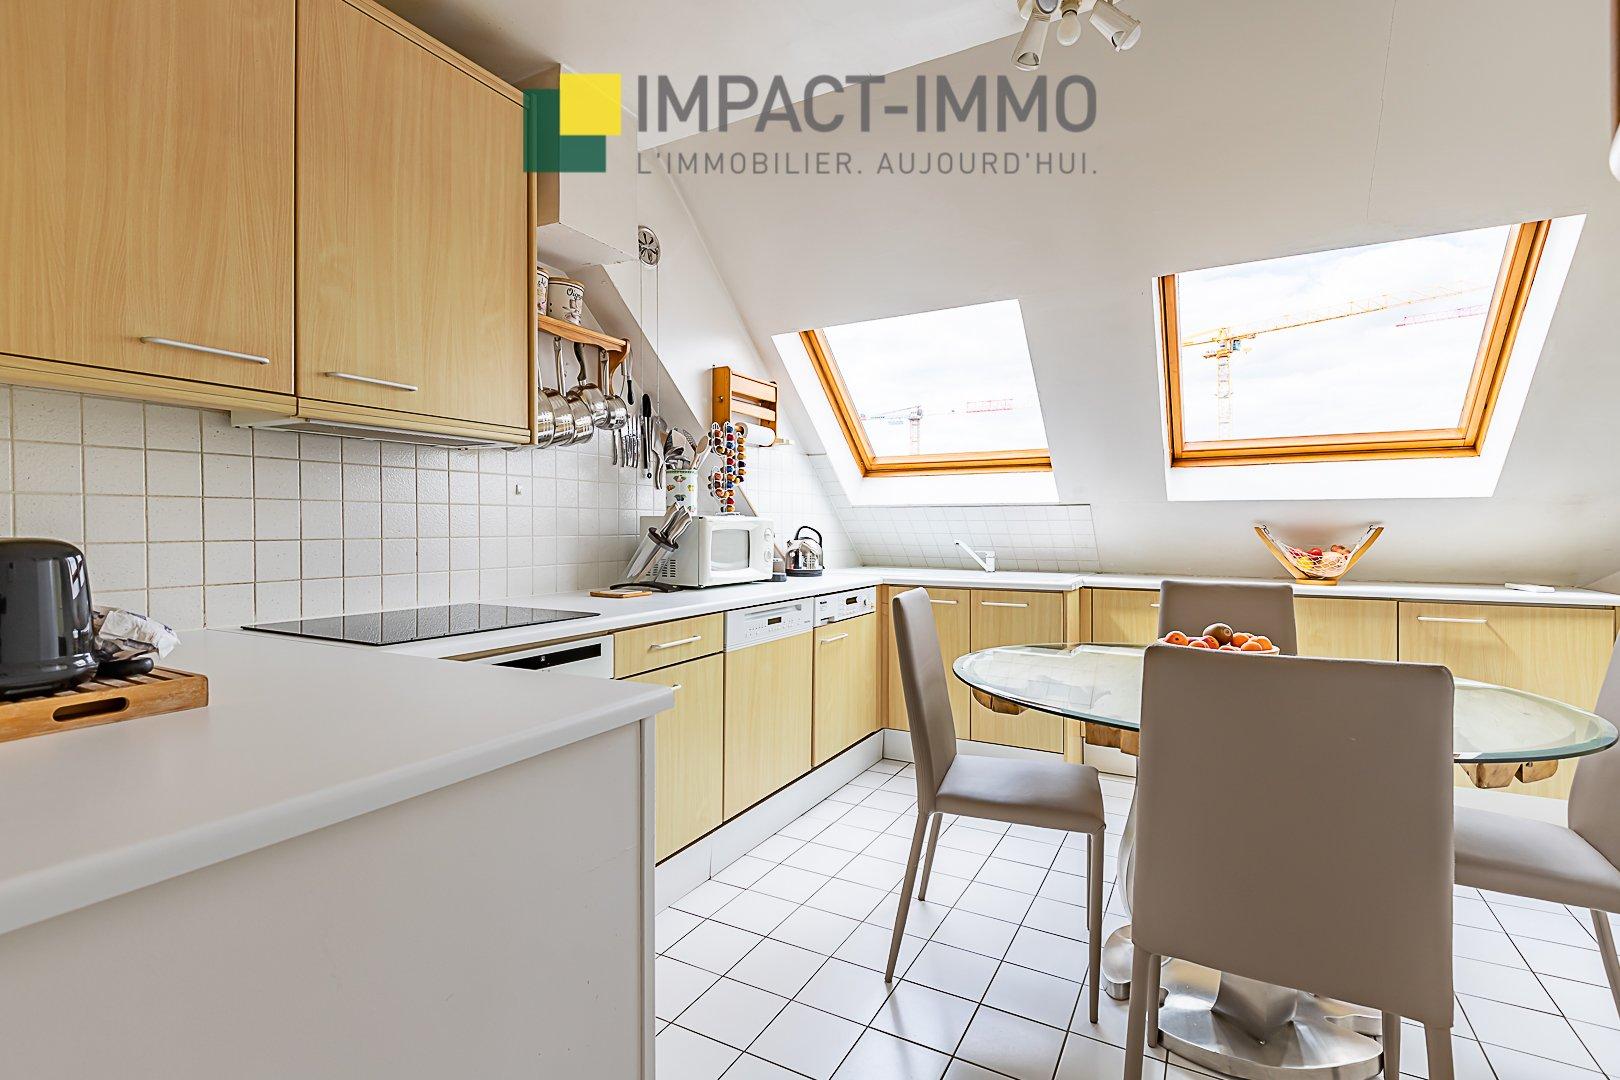 Bécon - 4 chambres - 140m² en DUPLEX